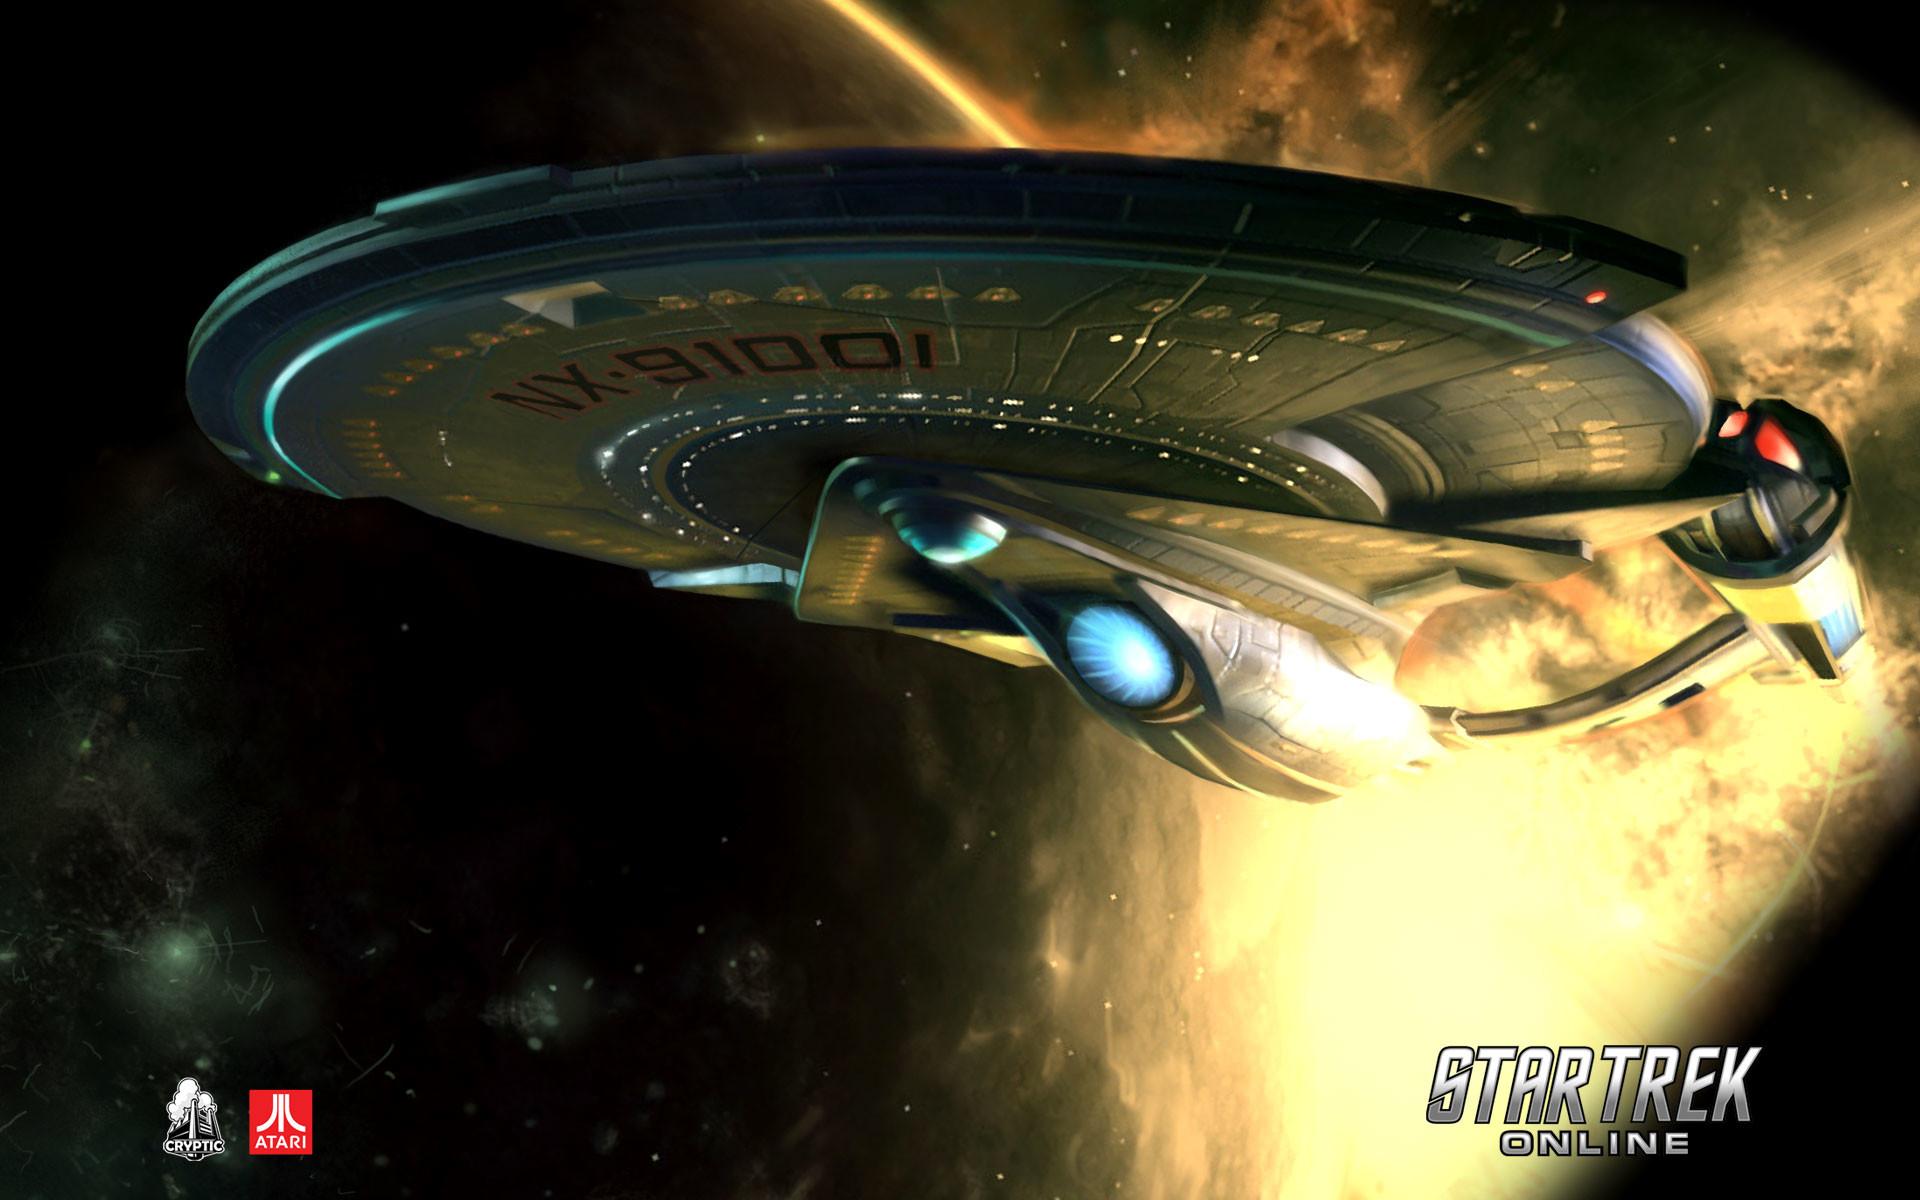 New Star Trek Online HD Wallpapers | ImageBank.biz